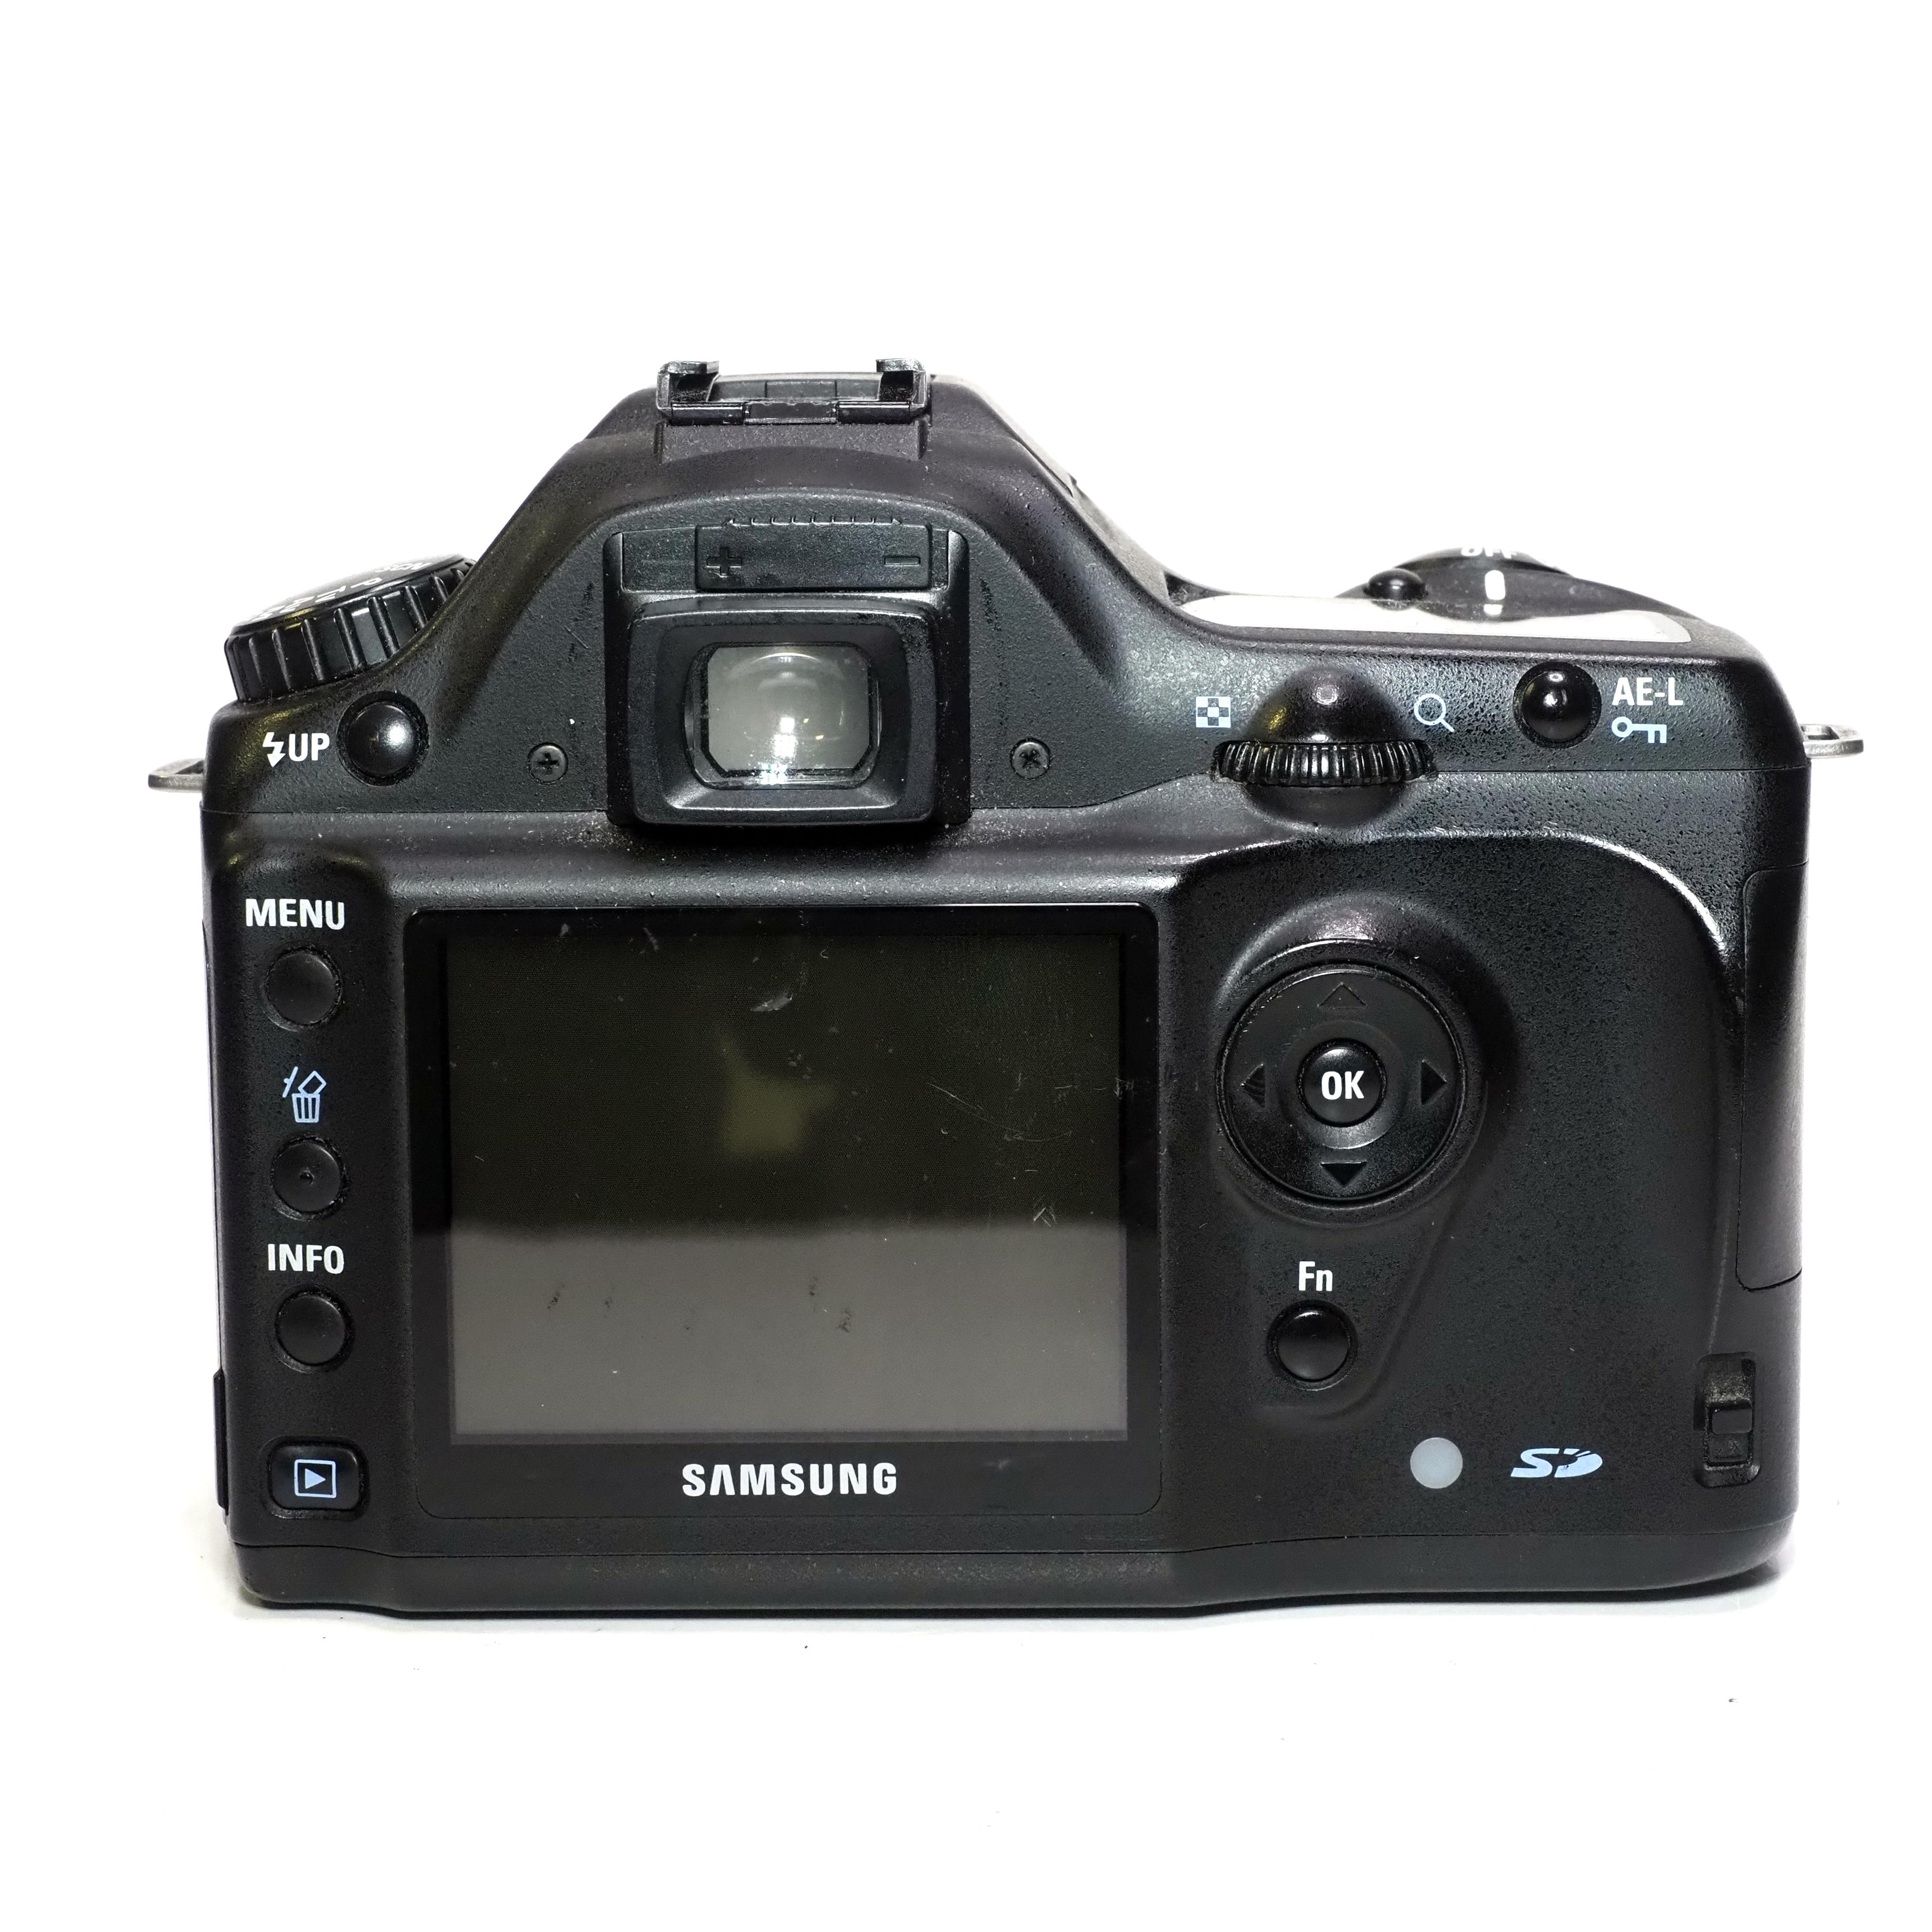 Samsung GX 1L + SMC Pentax-F 35-70mm f/3,5-4,5. - BEGAGNAT